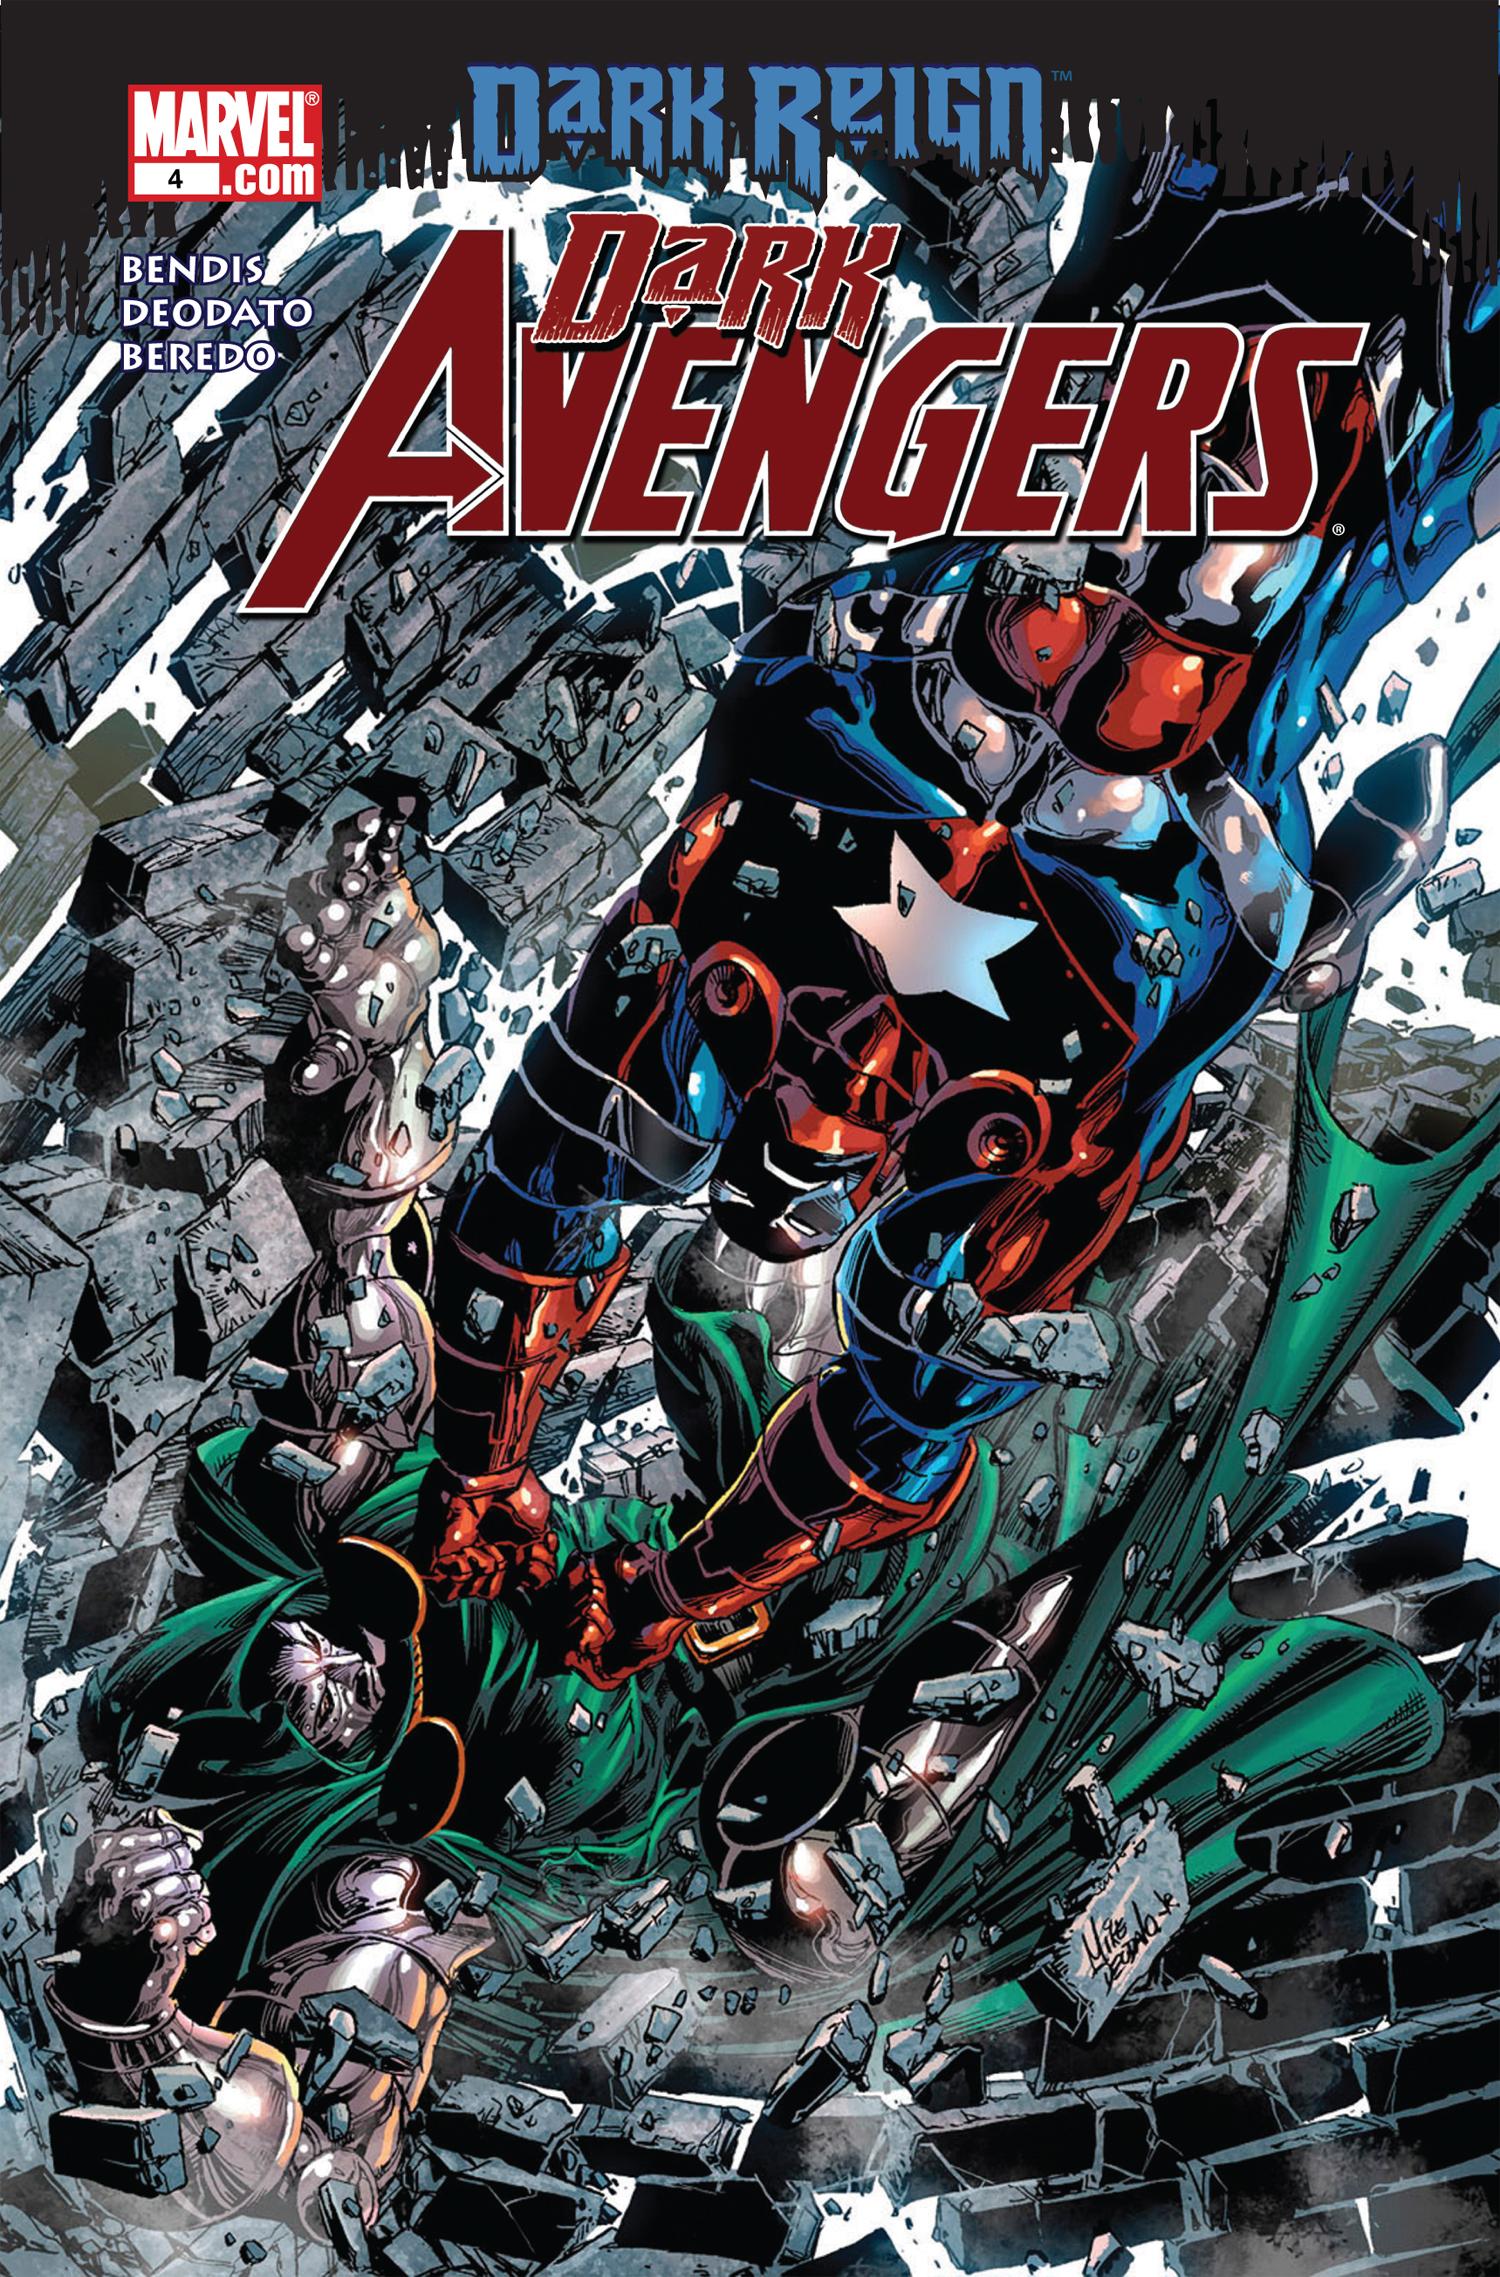 Dark Avengers (2009) #4